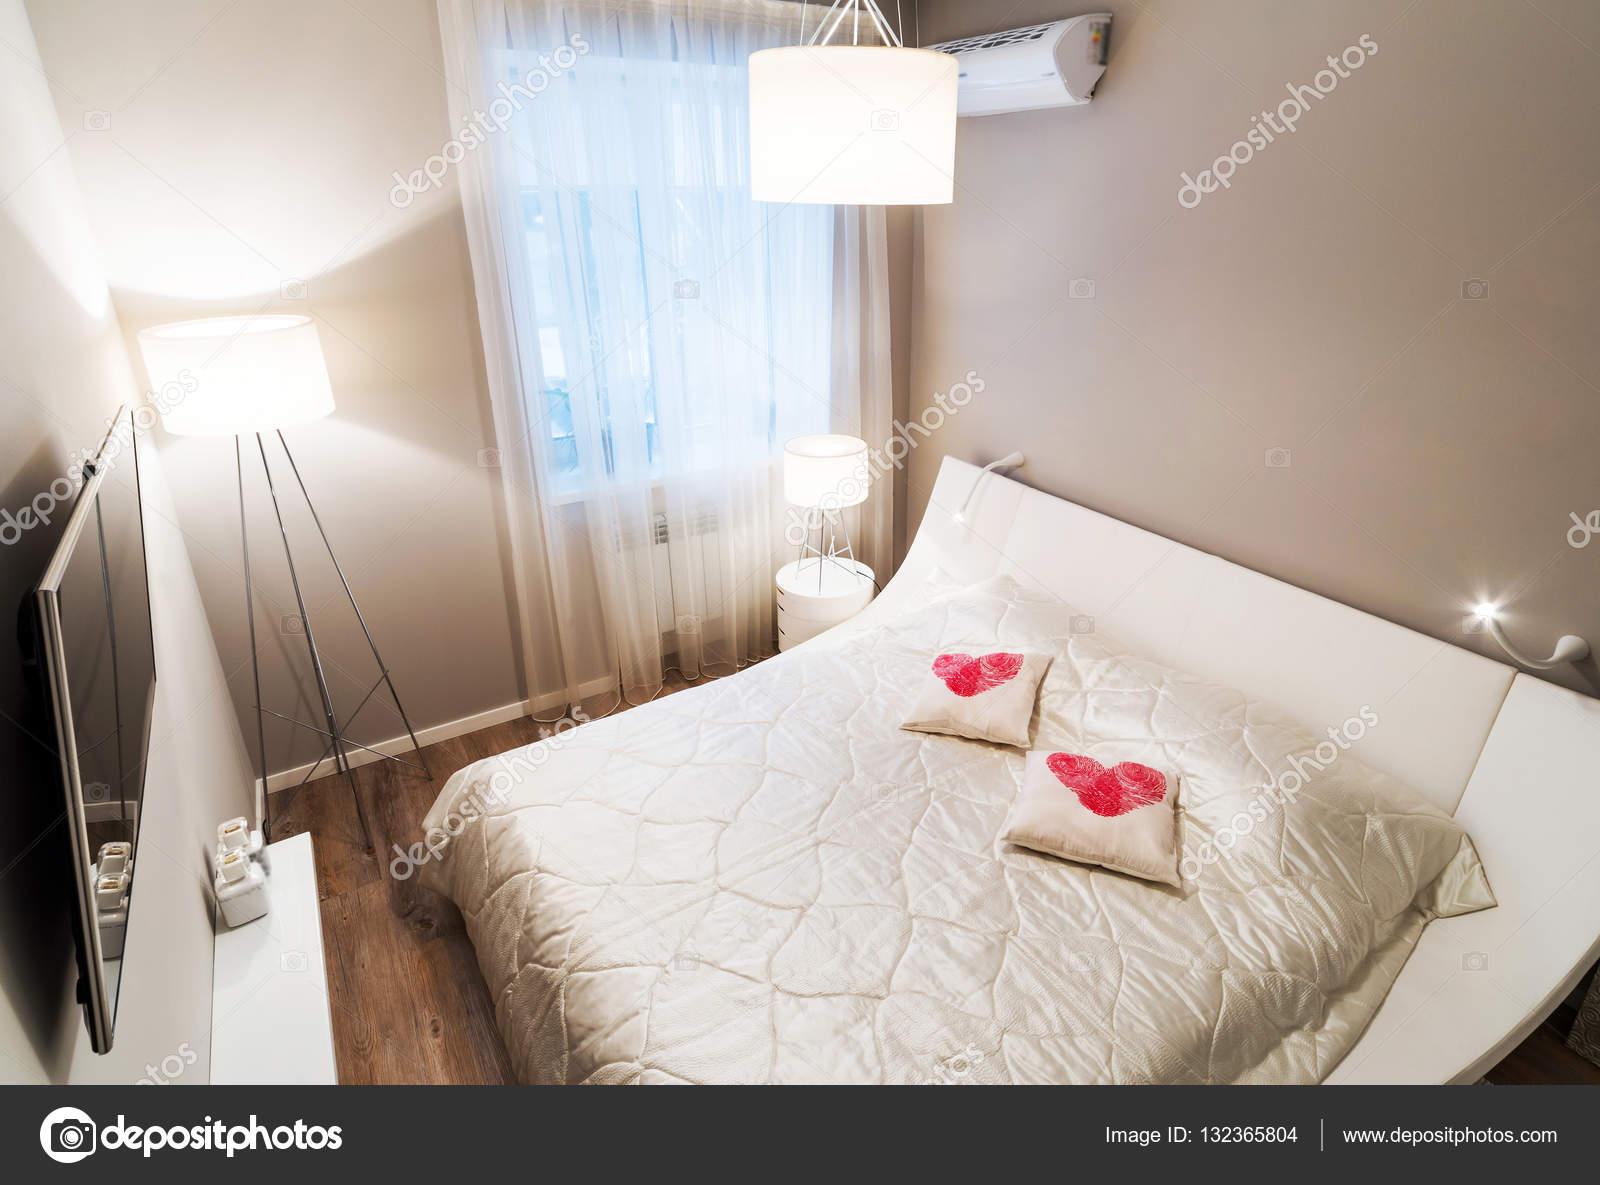 Slaapkamer interieur in beige kleuren — Stockfoto © baburkina #132365804